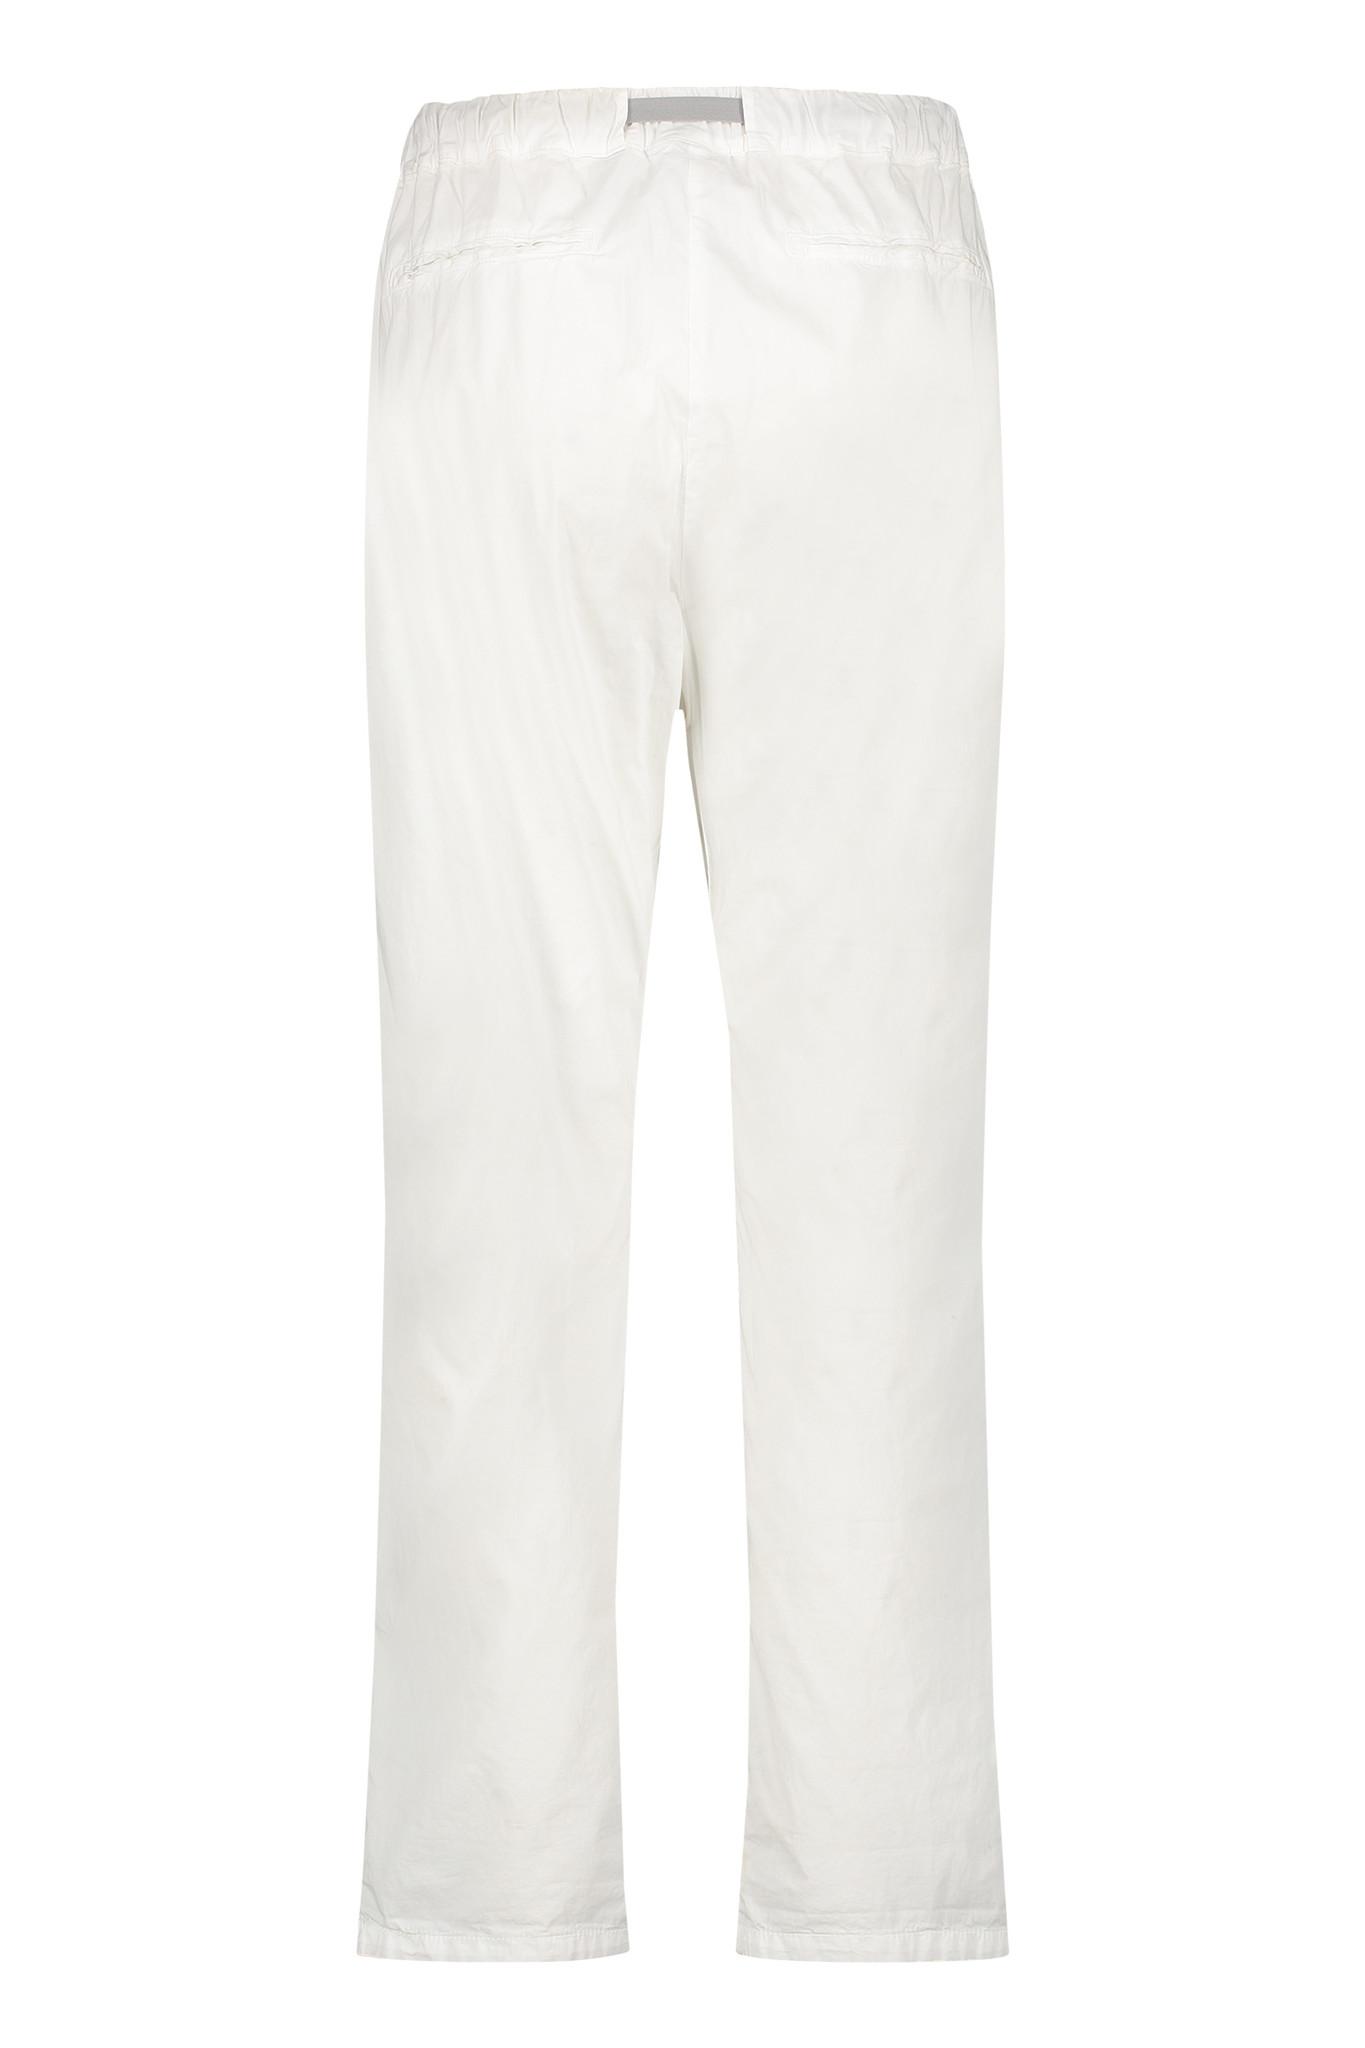 Penn & Ink Trouser S21W317-2